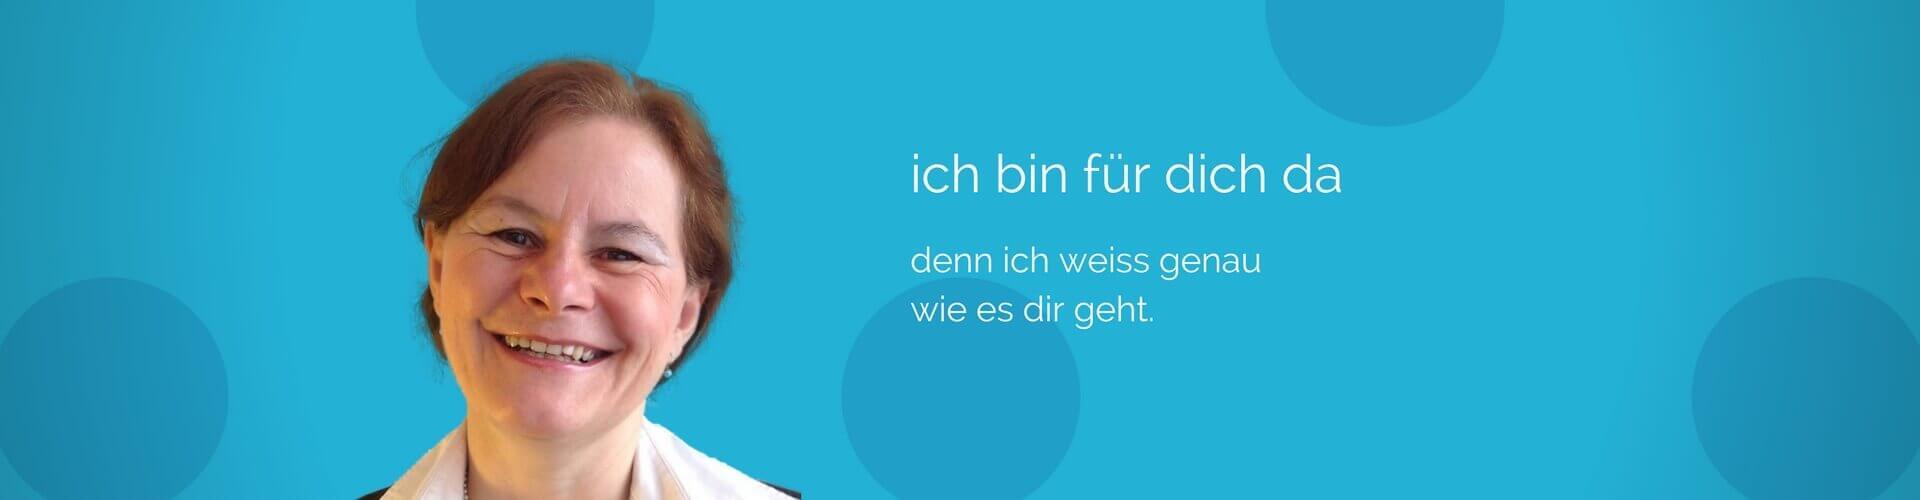 über mich, Monika Albicker lächet vor blauem Hintergrund